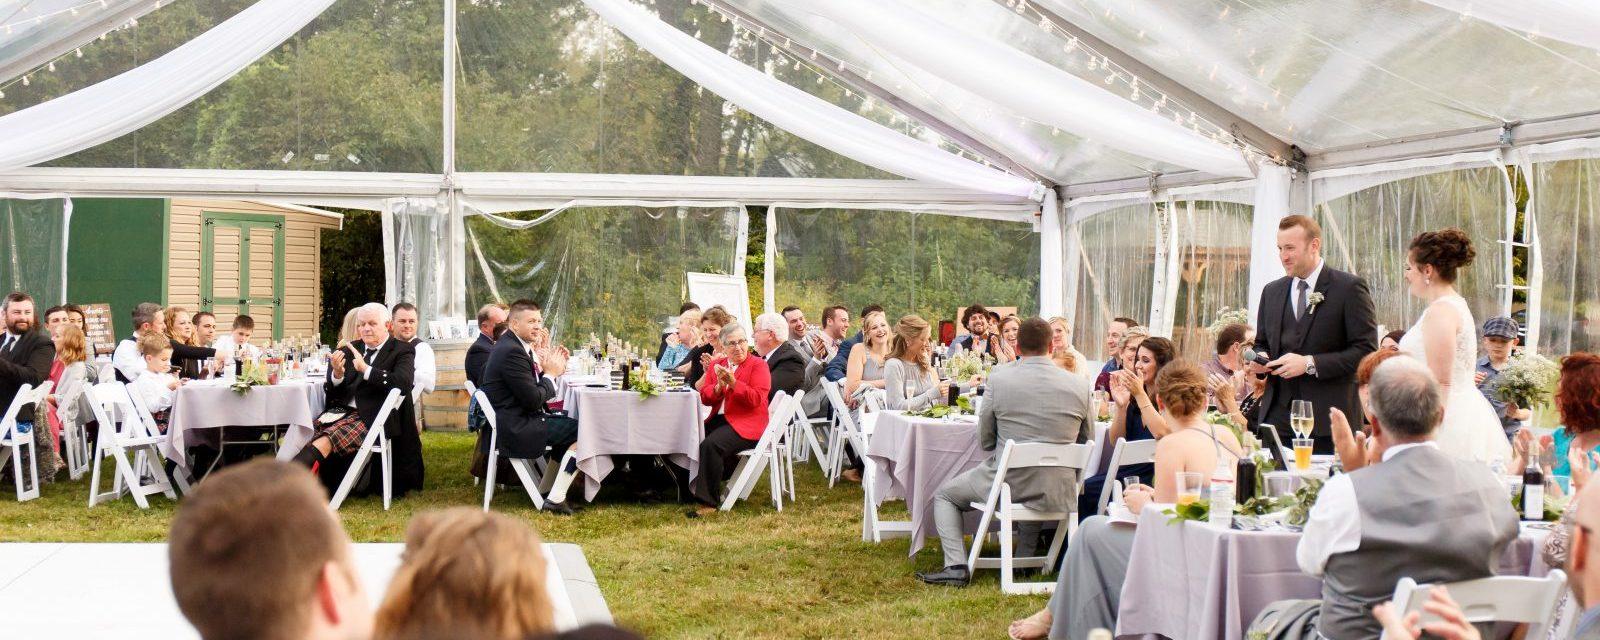 wedding rentals party rental miami